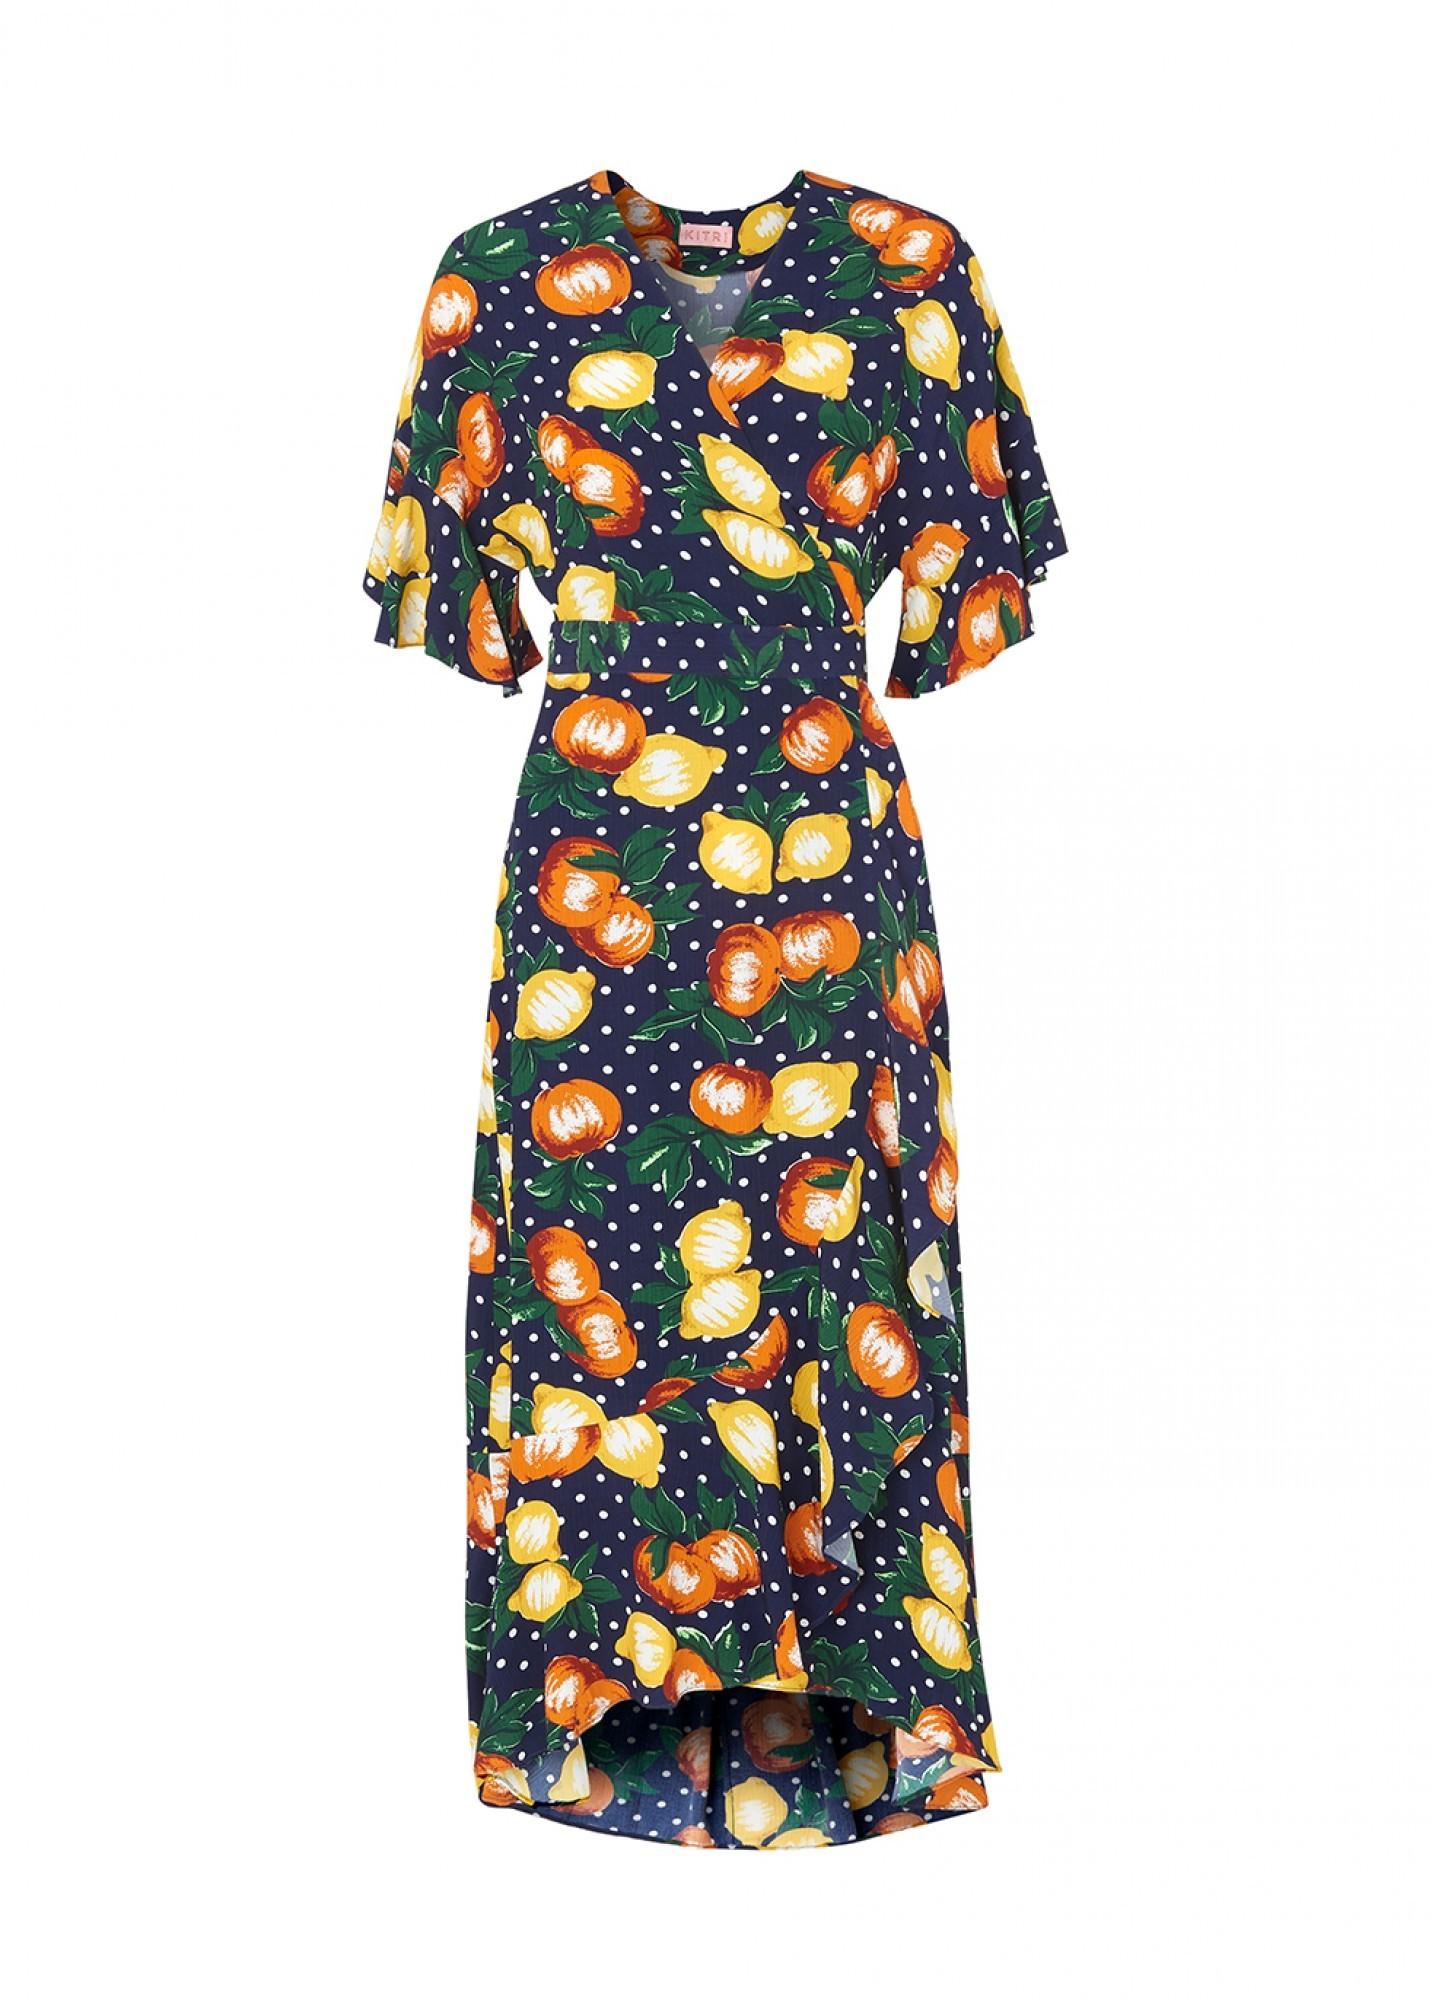 Harvey Floral Printed Dresses Nichols Designer rQxthBdCs